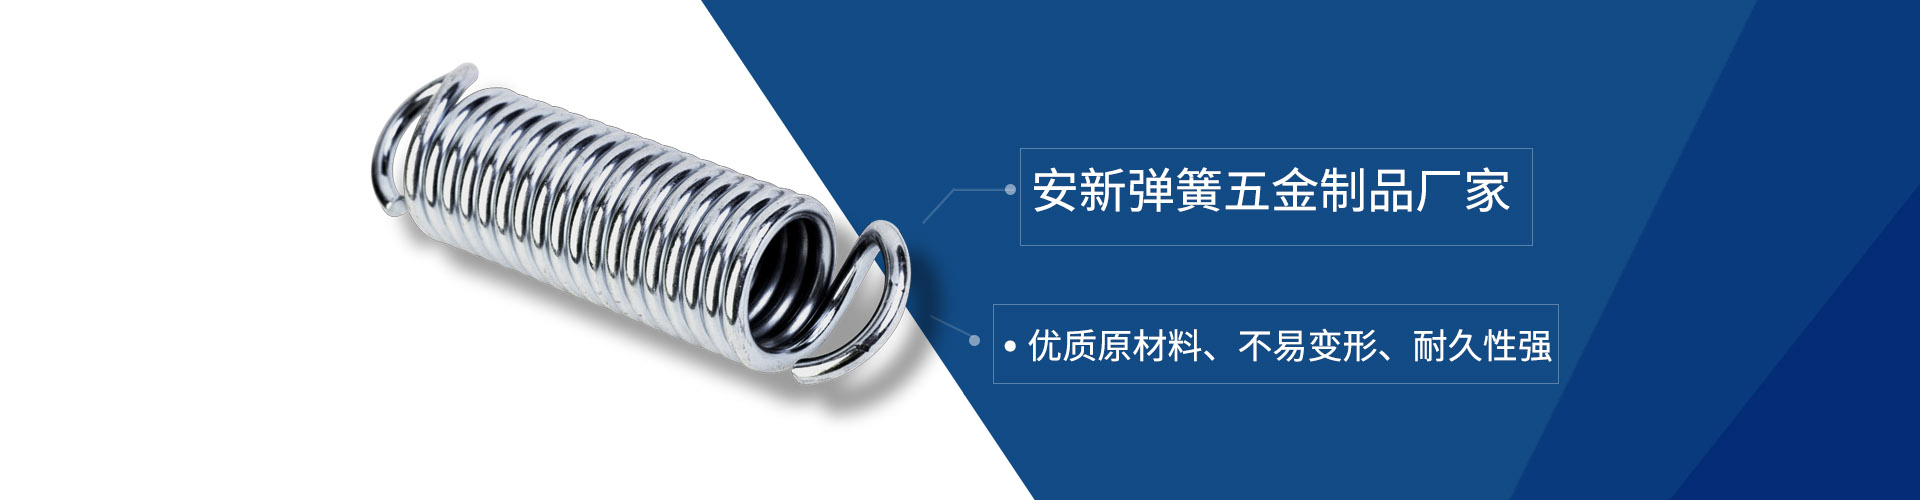 安新弹簧五金(香港)制品有限公司